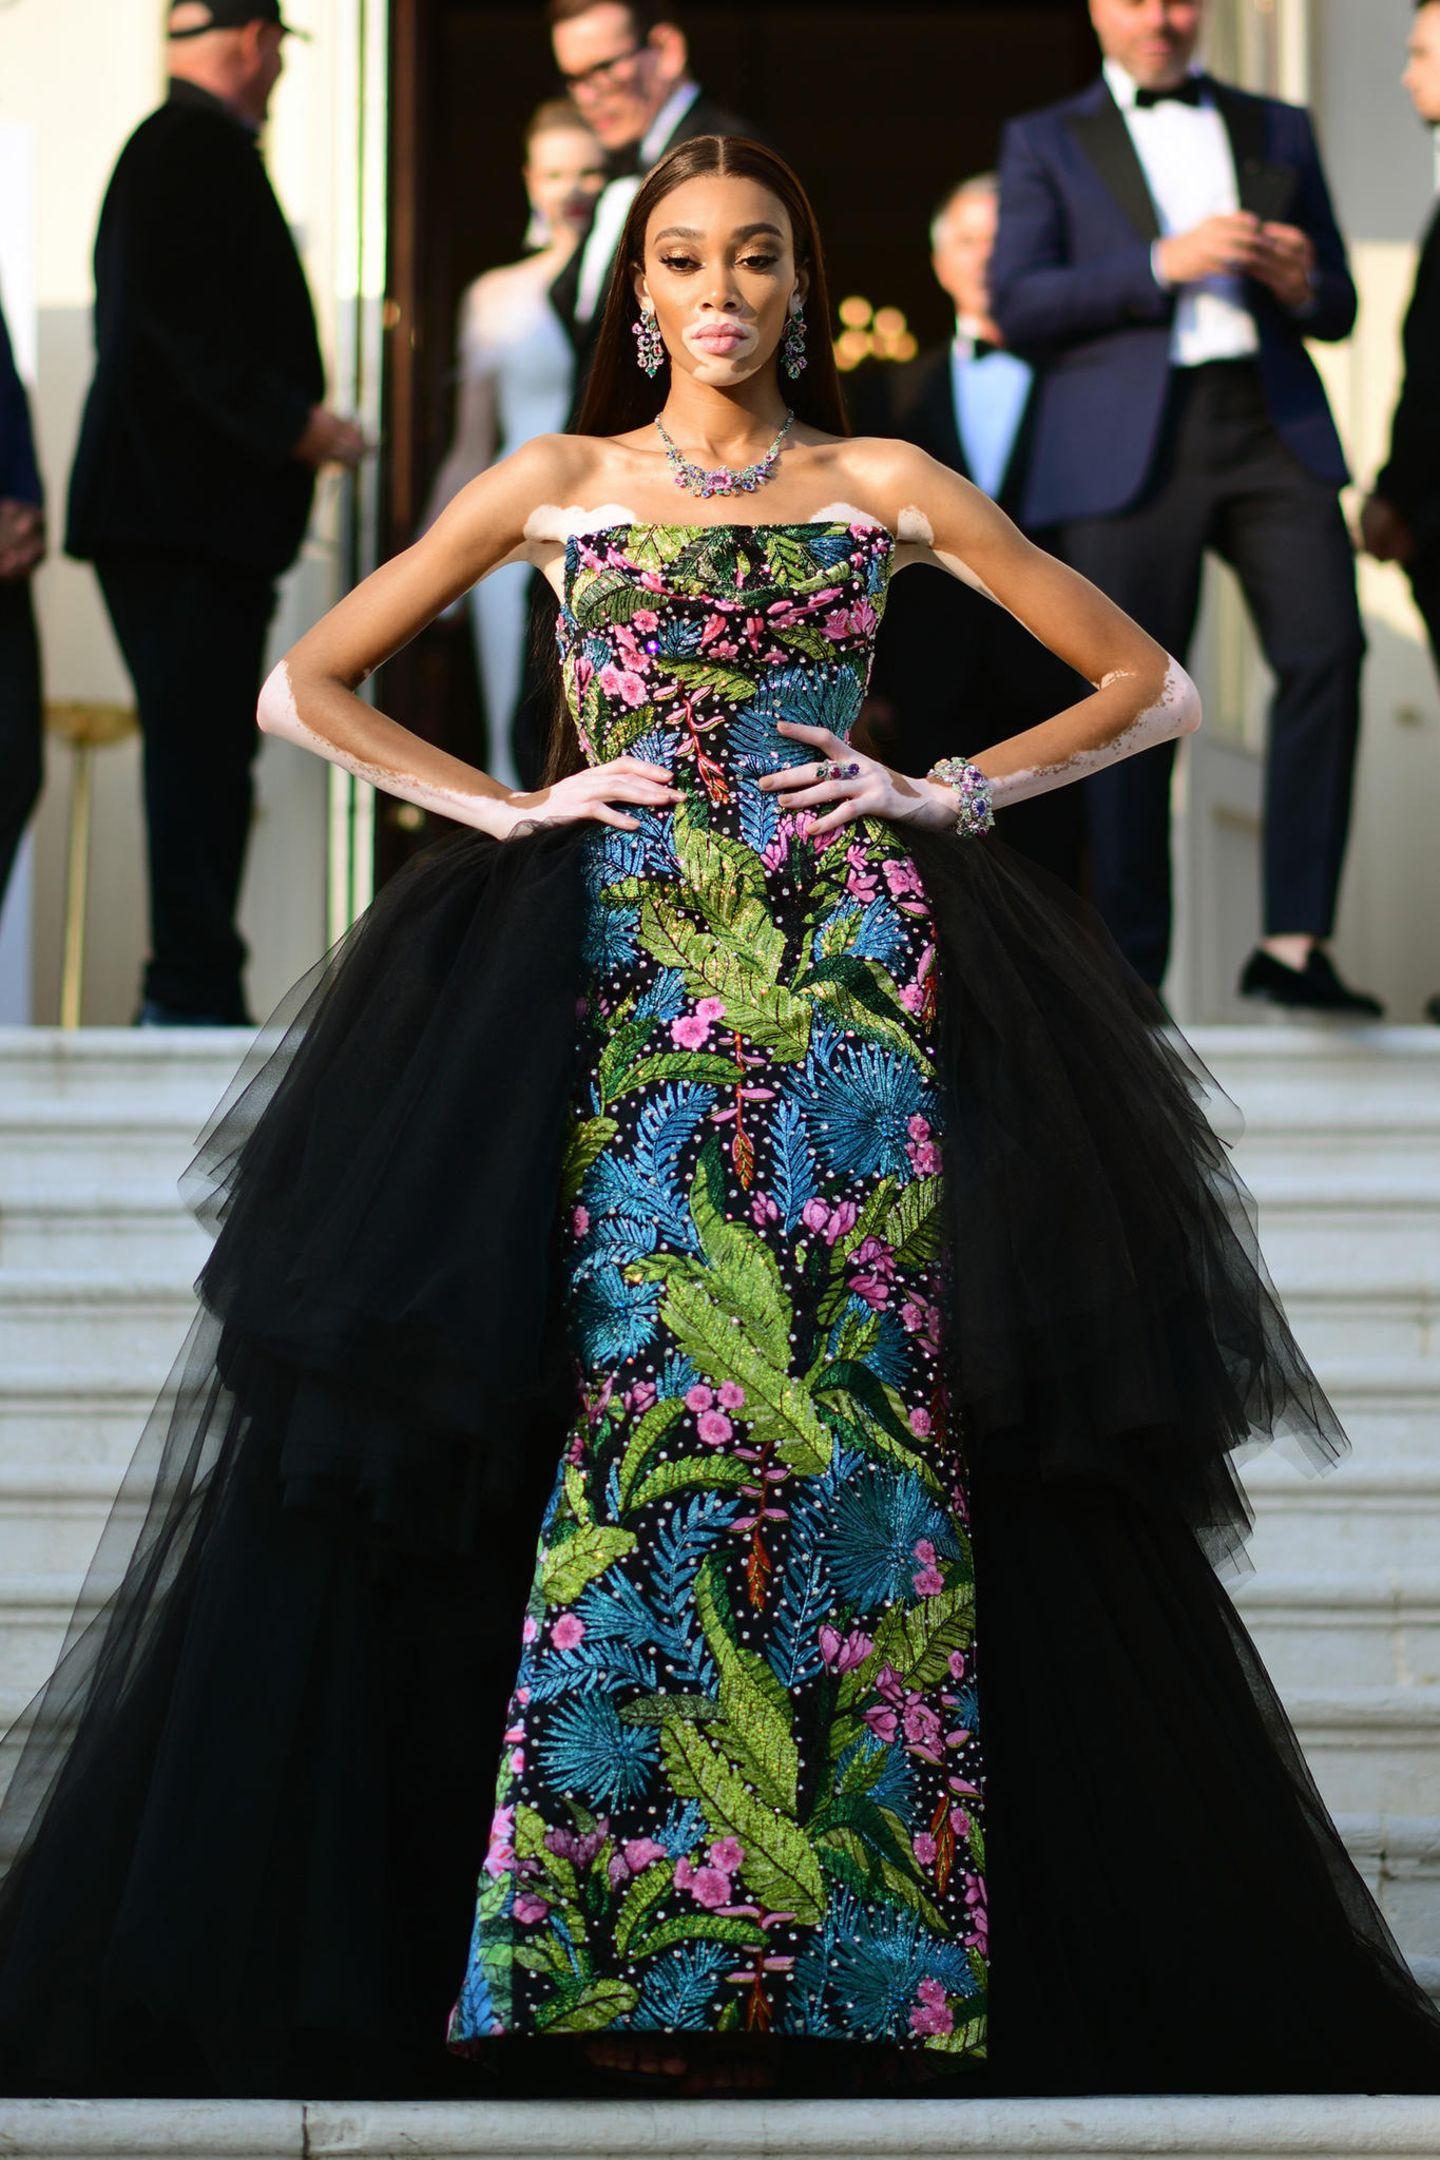 Einen Wahnsinnsauftritt legt Topmodel Winnie Harlow hin. Sie begeistert in einemfloralen Dress mit schwarzem TüllvonRichard Quinn.